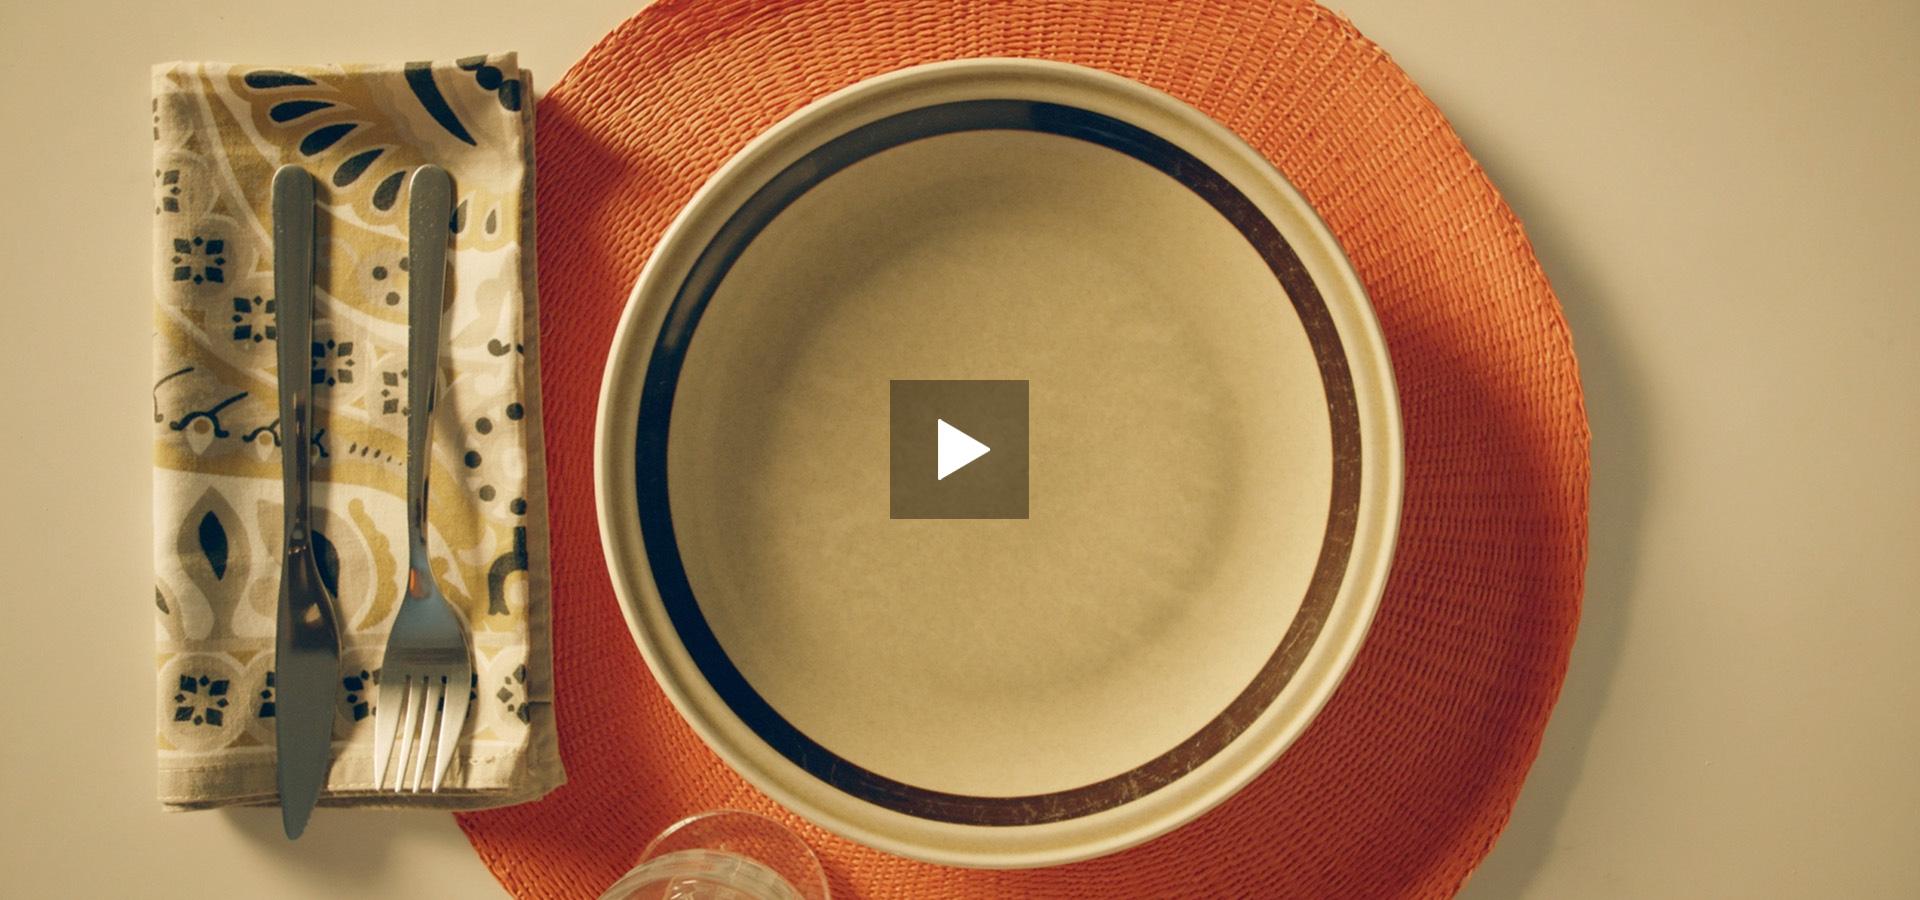 Monkey Talkie per Vallespluga - Il galletto Vallespluga - Food - TV Commercial - Spot Televisivo - Pubblicità